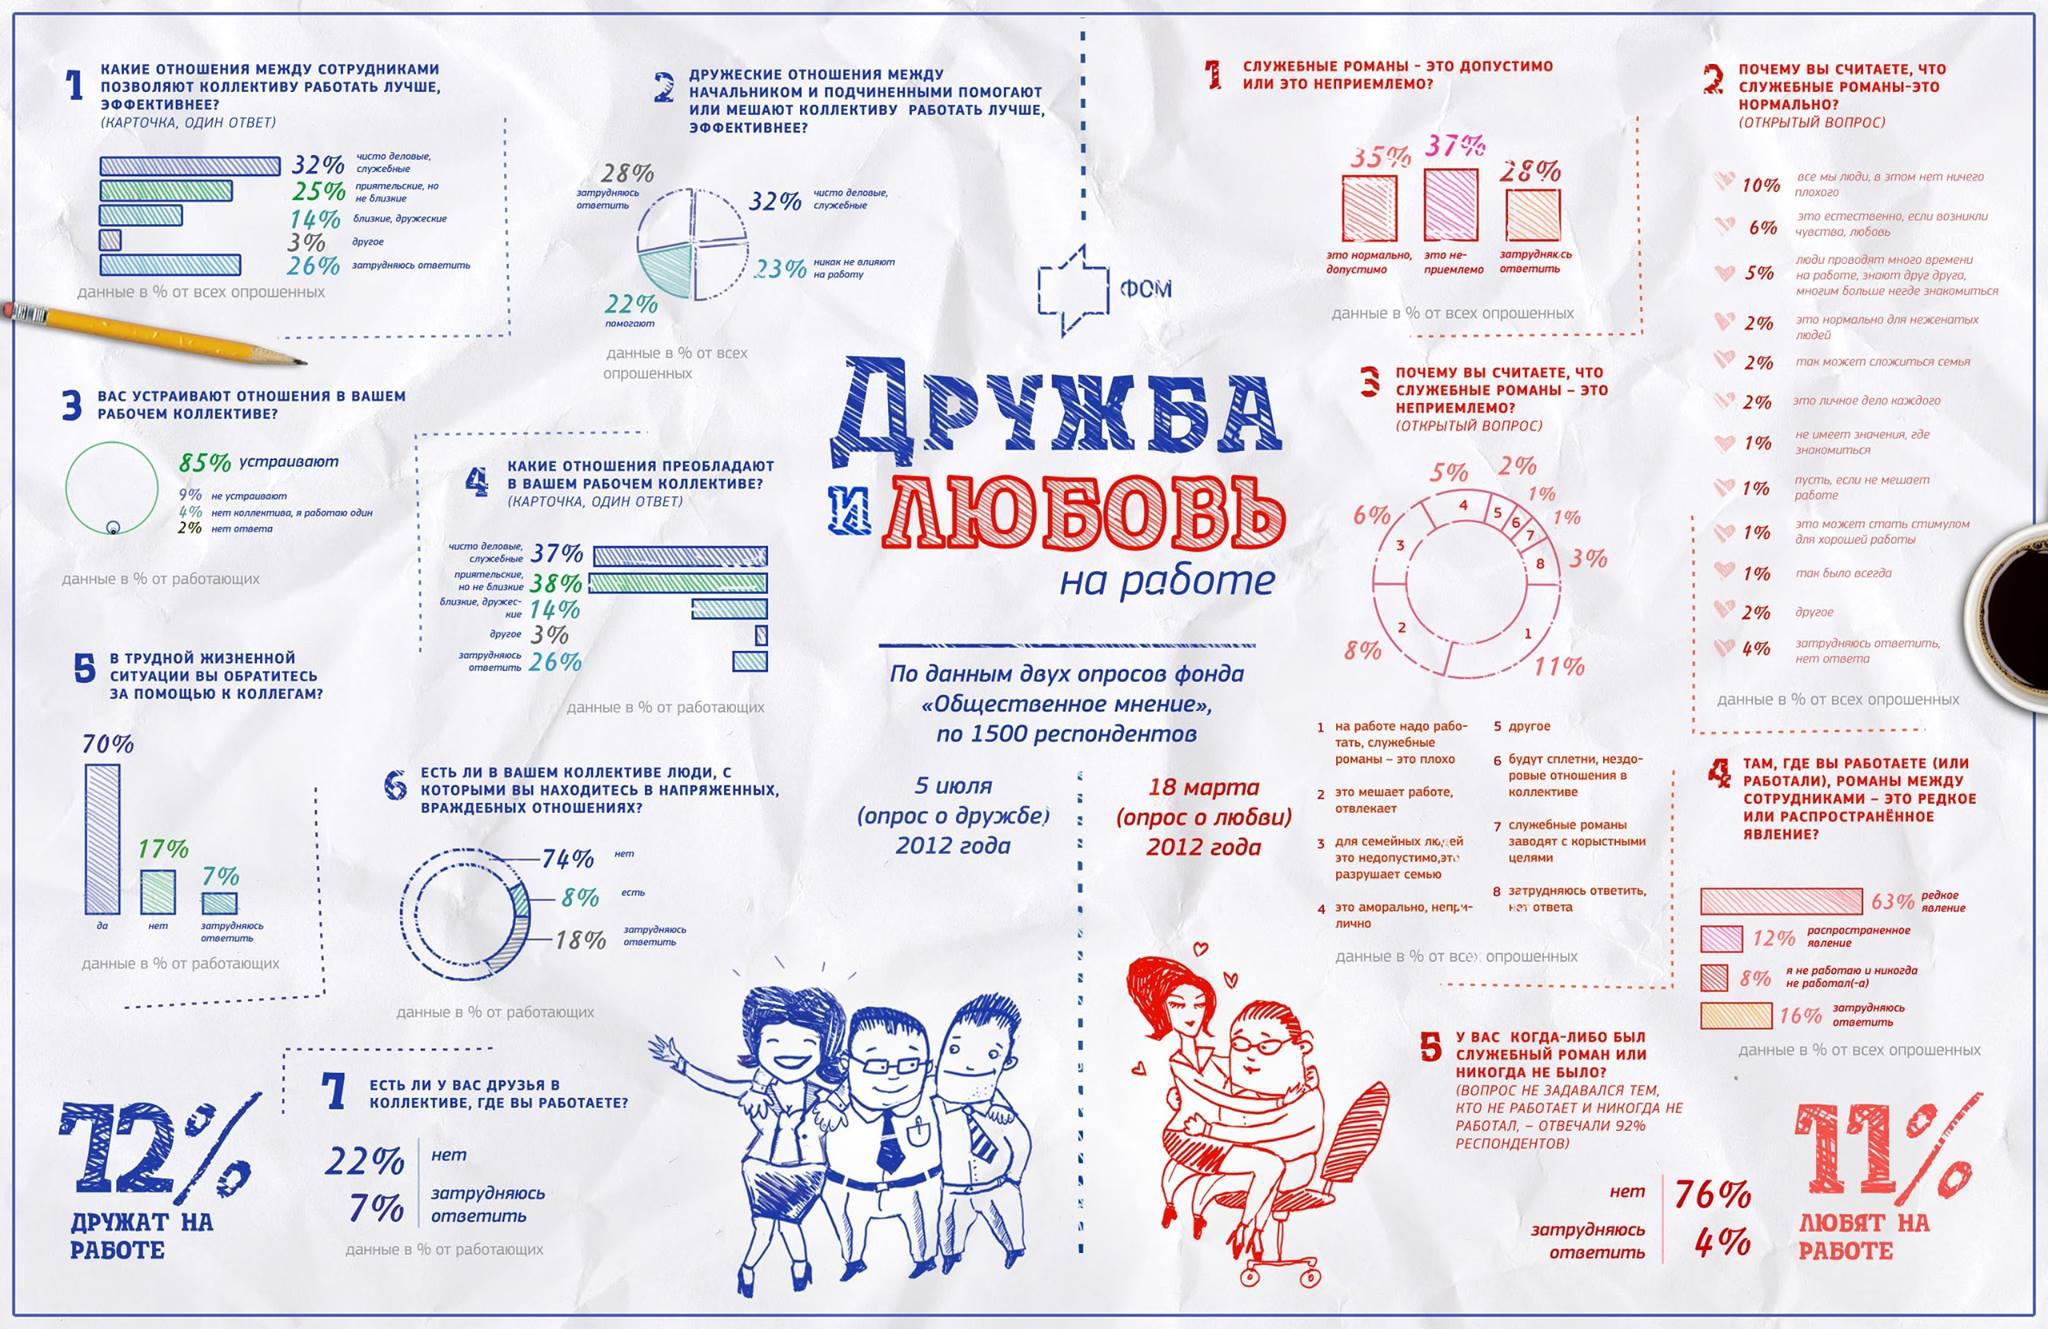 Инфографика: дружба и любовь на работе